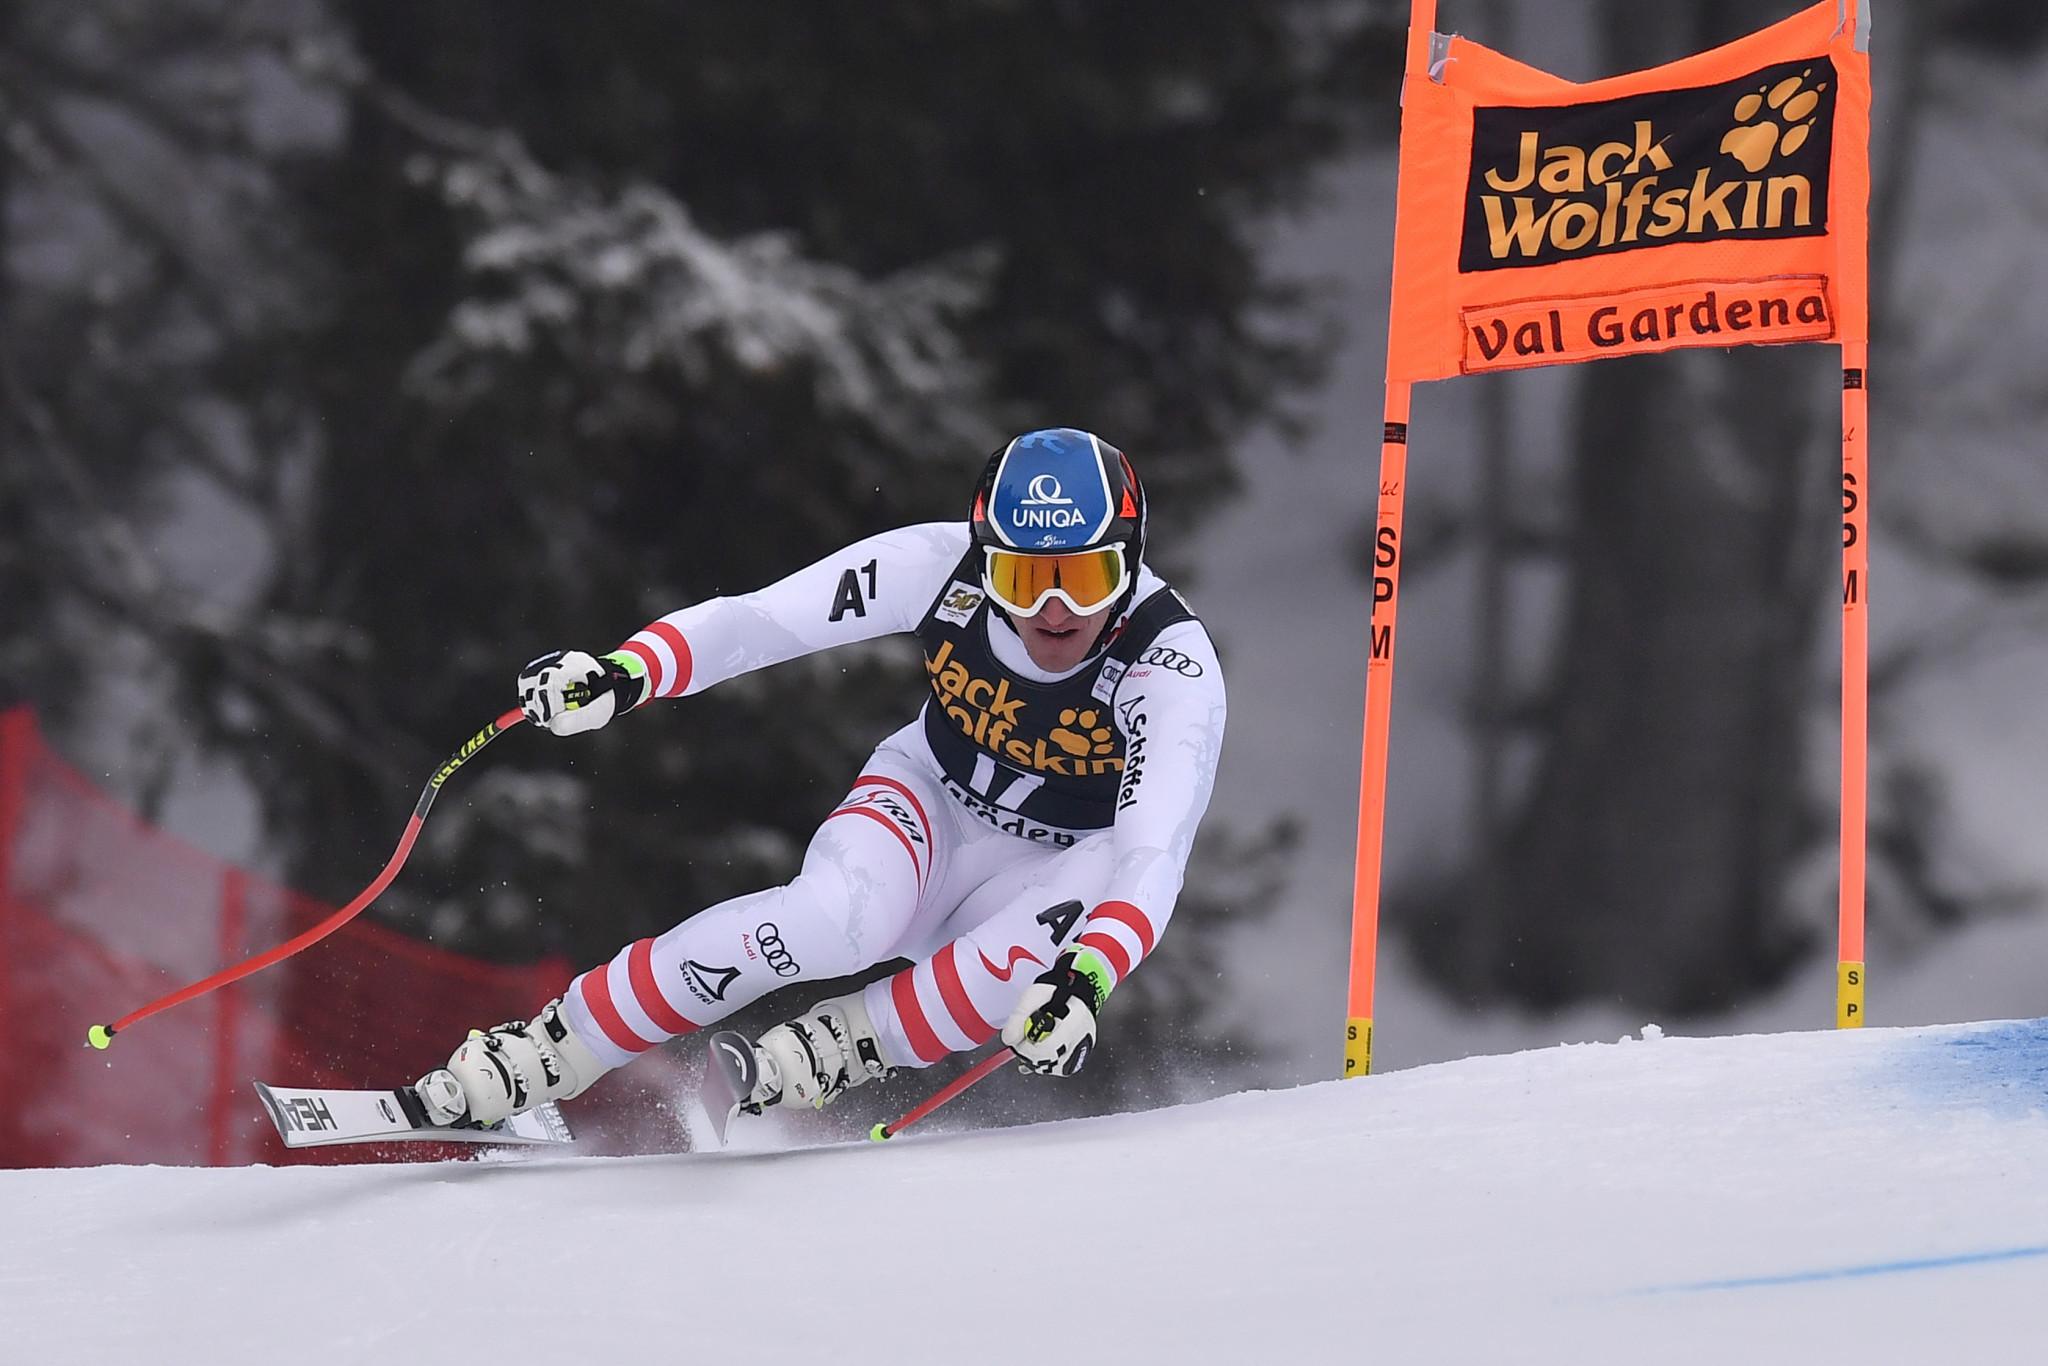 Austrian Mayer quickest in training before FIS Alpine Ski World Cup in Val Gardena